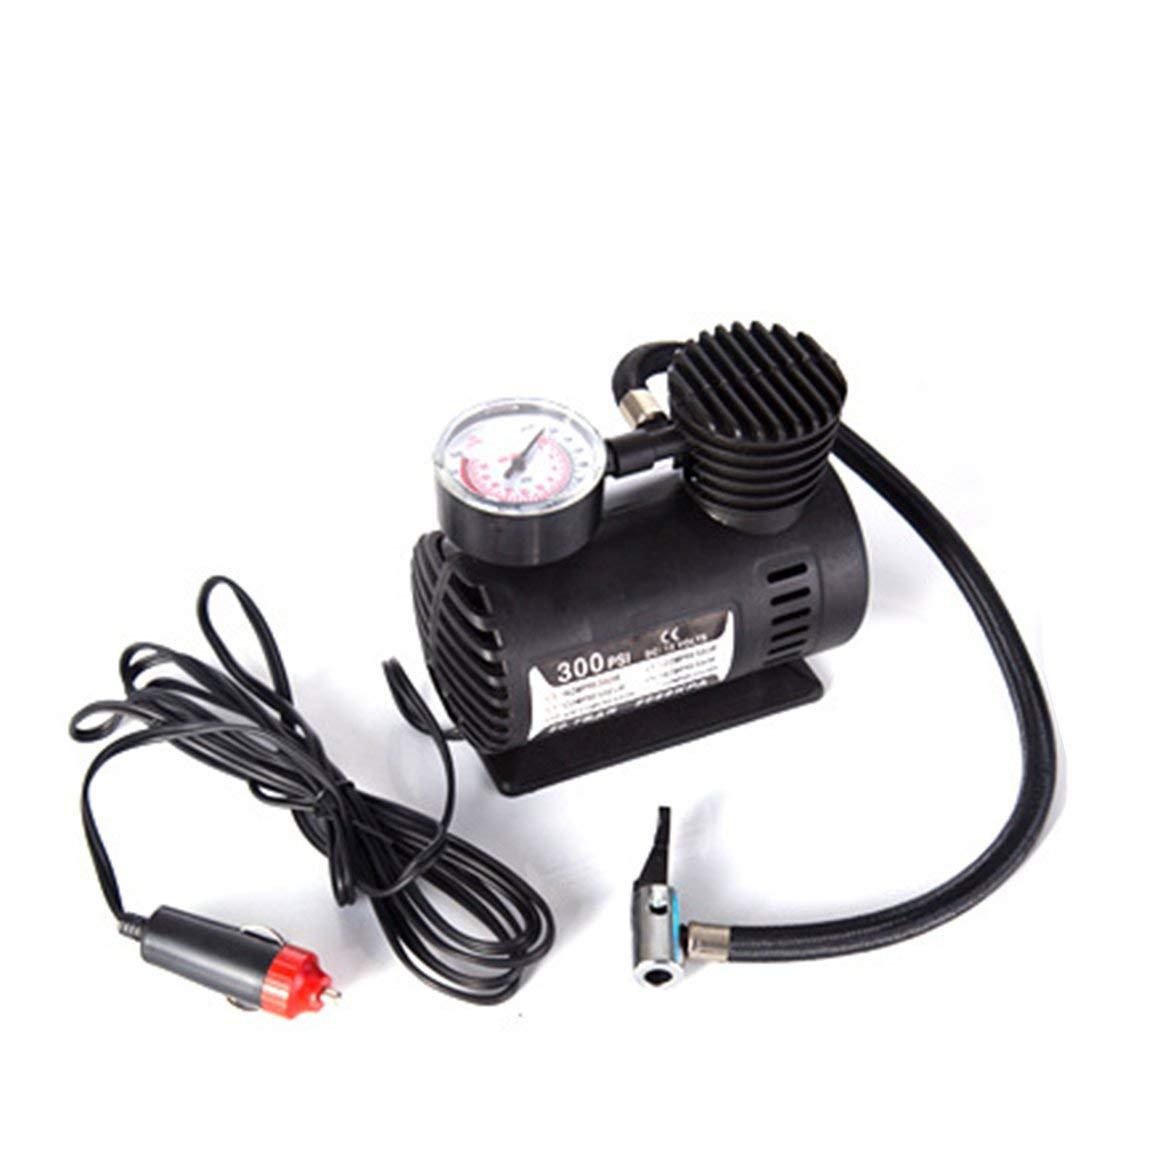 Delicacydex Pompe /à air sous-Marine /à air comprim/é pour Carabine /à air comprim/é /à Haute Pression de Locomotive /à arr/êt Automatique